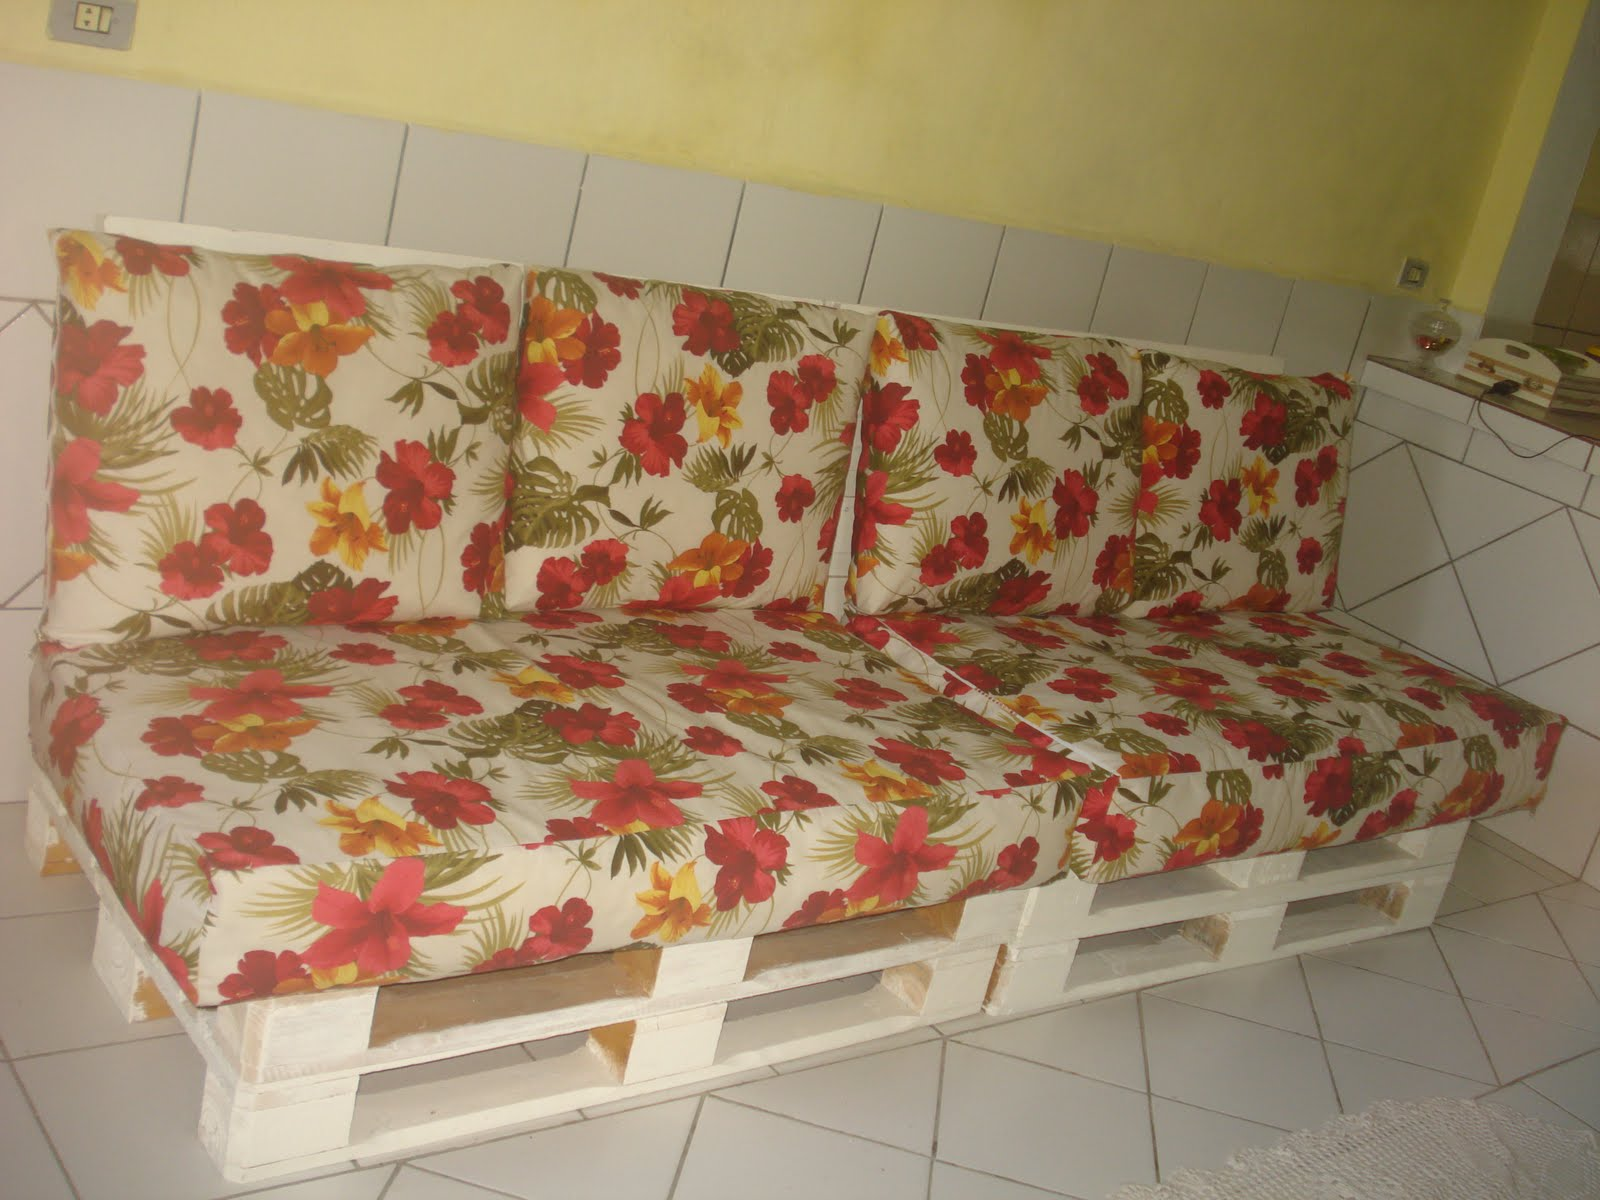 Como fazer um sofá de paletes dúvidas de como fazer Redecorando  #A58426 1600x1200